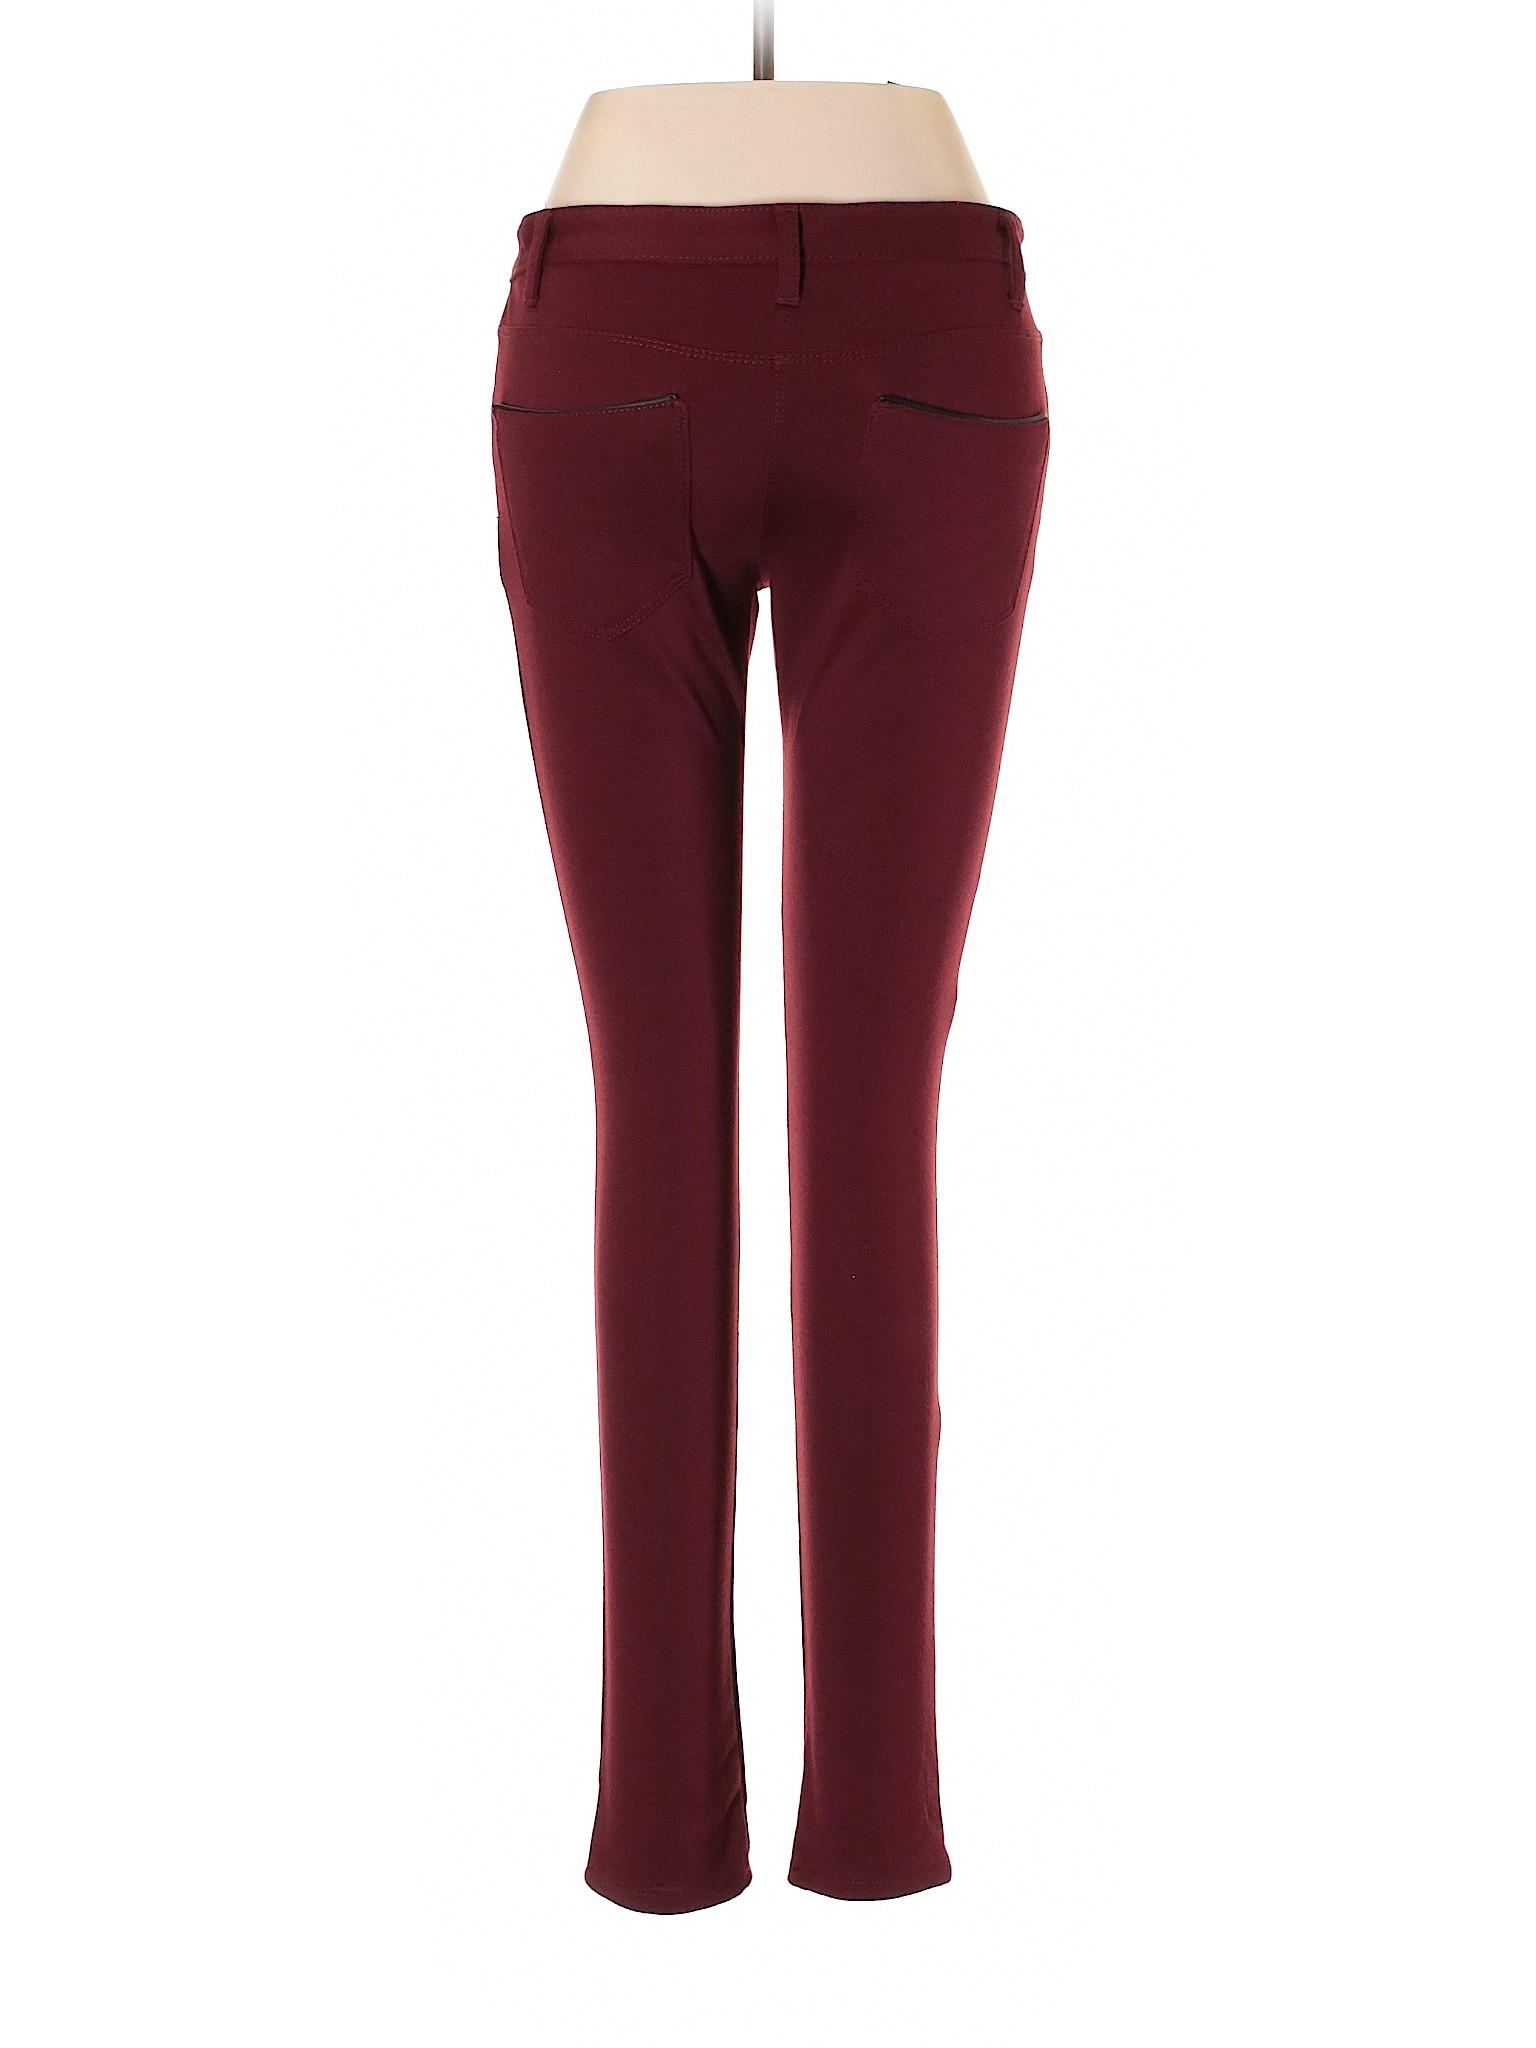 Boutique Pants Atmosphere Casual Pants Boutique Casual Winter Pants Casual Boutique Atmosphere Atmosphere Winter Winter wXFgZqF